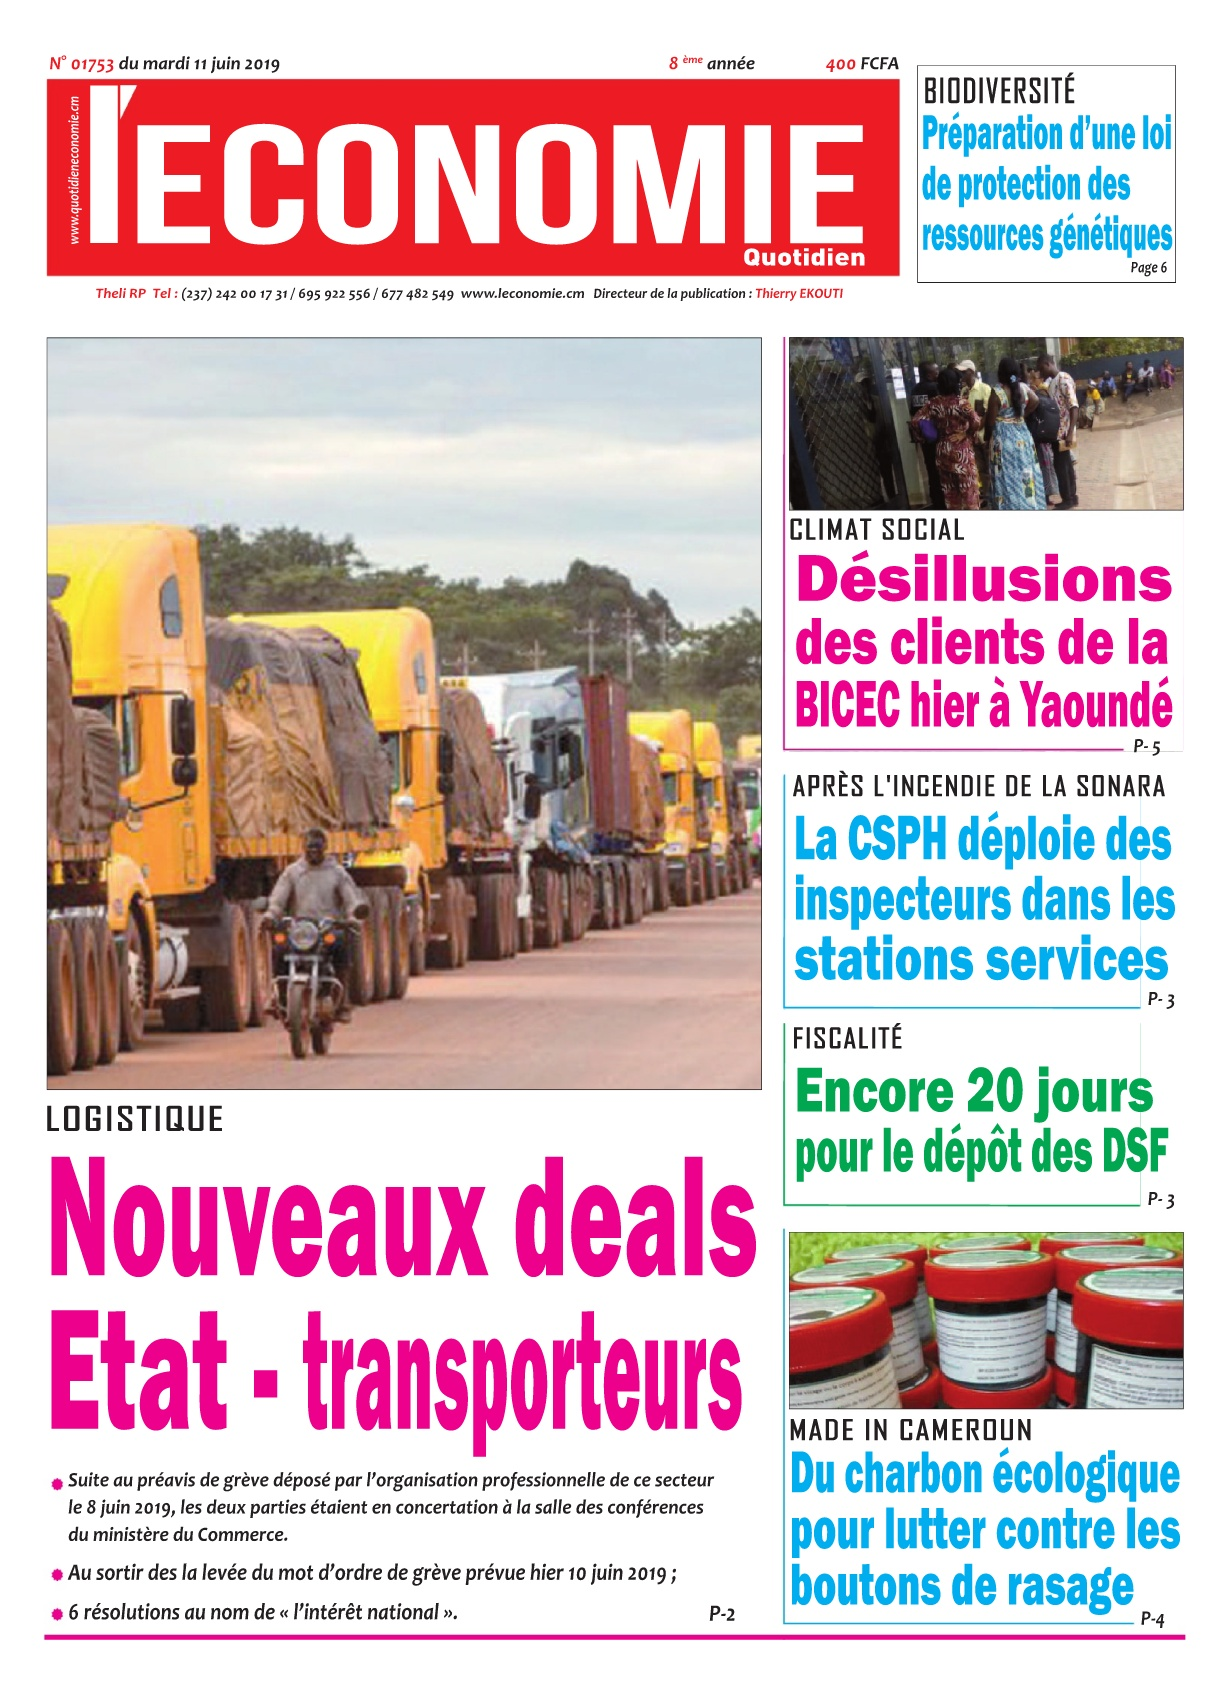 Le Quotidien de l'Economie - 11/06/2019